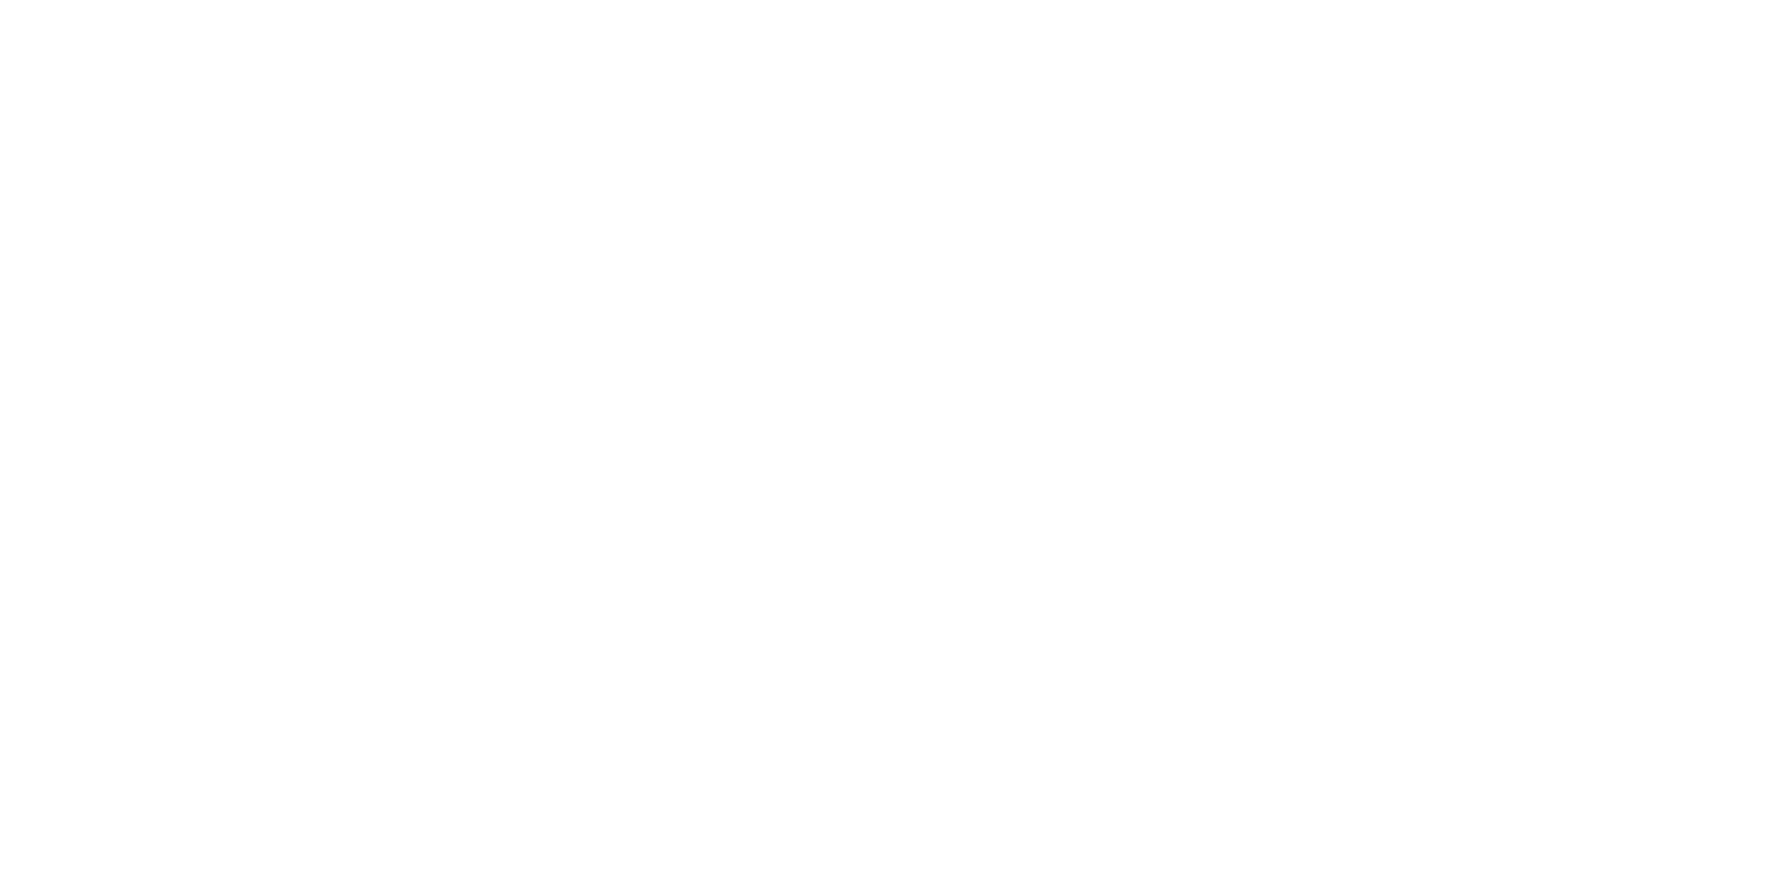 Logo JICAP white